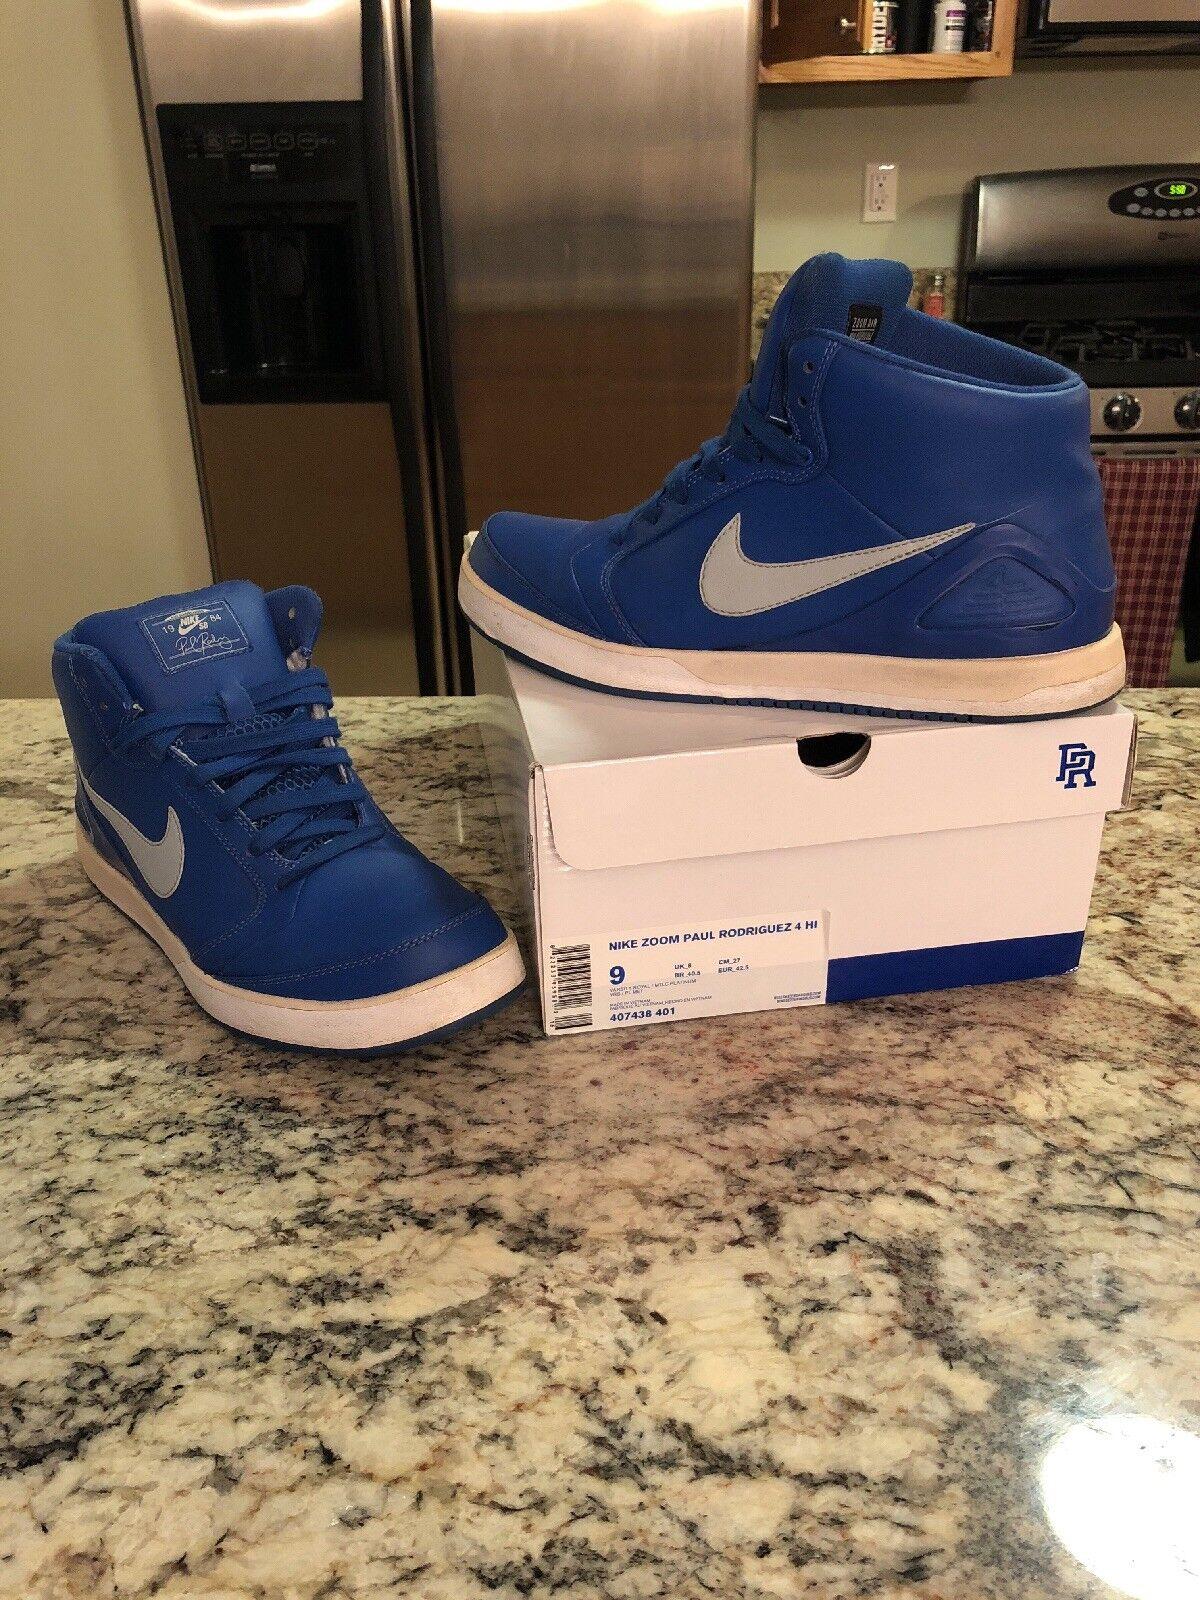 Nike Zoom alta Paul Rodriguez p rod 4 temporada alta Zoom azul comodo recortes de precios, beneficios de descuentos 358a42